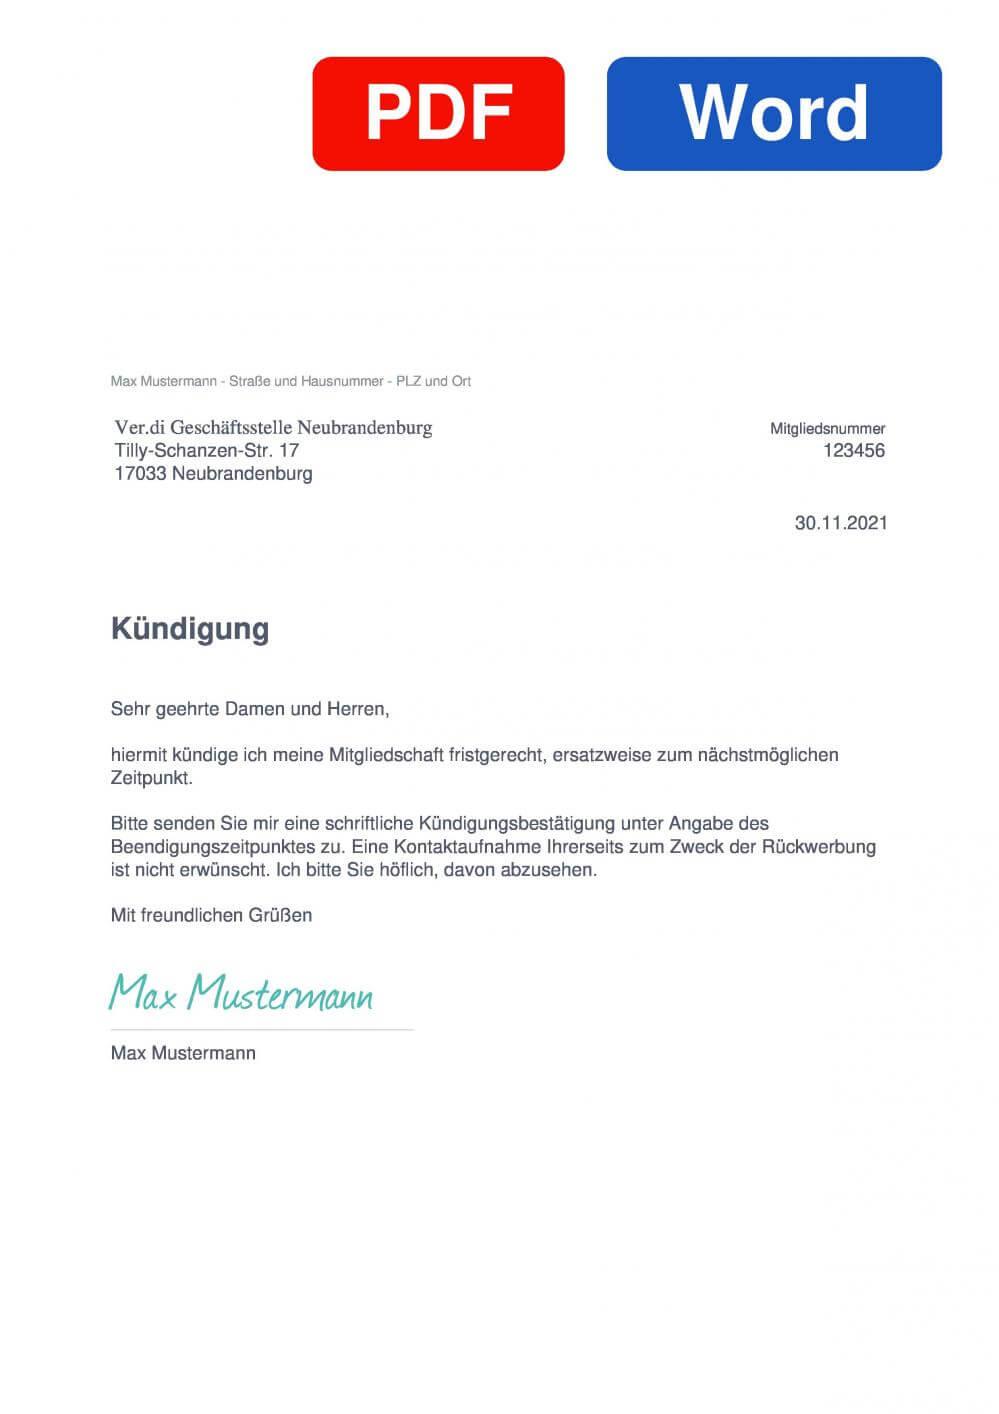 Verdi Neubrandenburg Muster Vorlage für Kündigungsschreiben